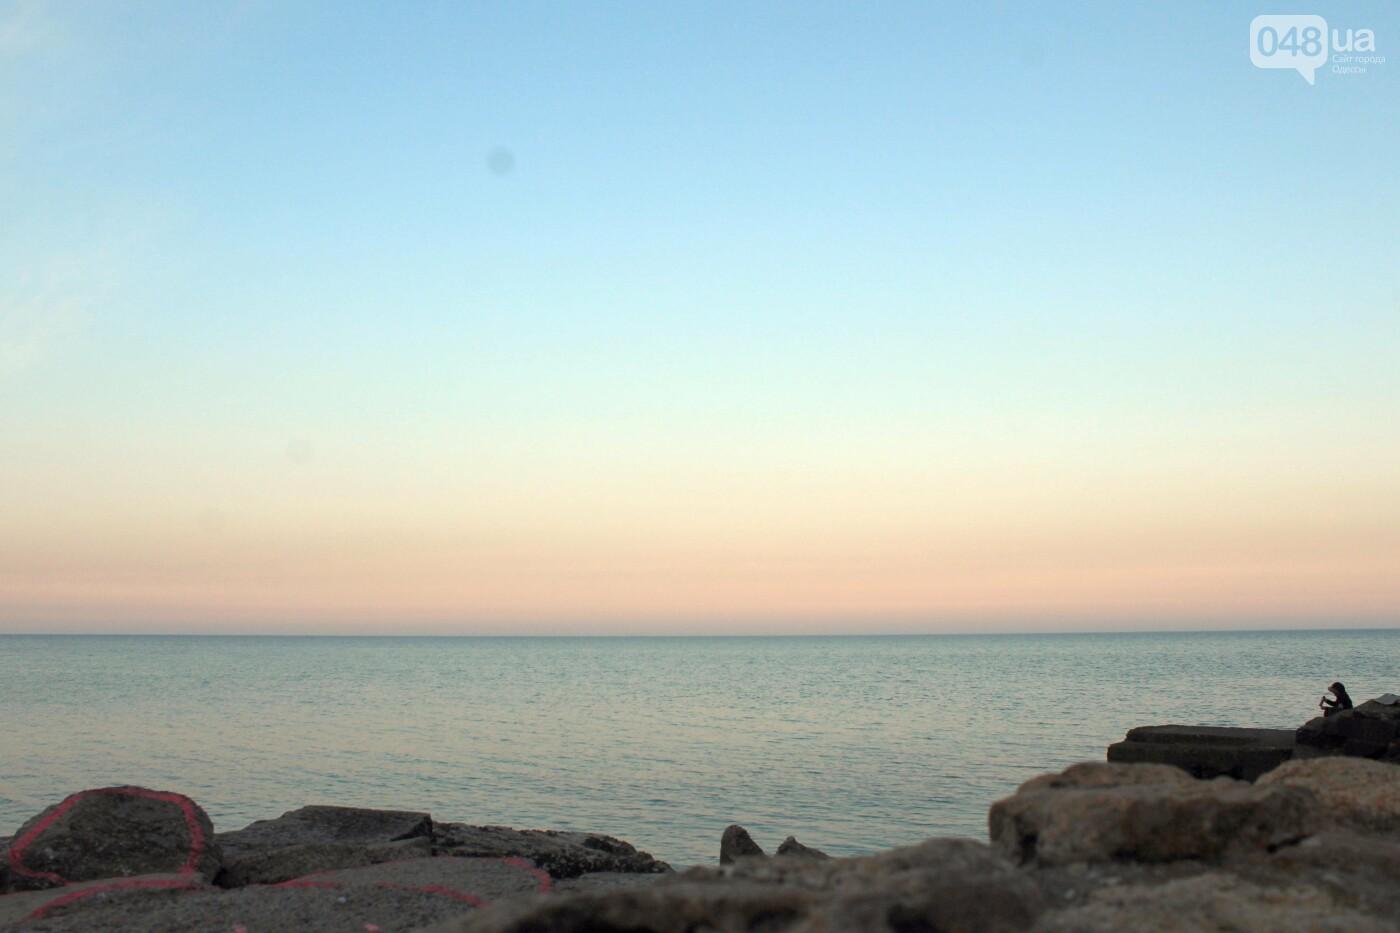 Апрель, Одесса, пляж: закат раскрасил море лазурными красками,- ФОТОПЯТНИЦА, фото-6